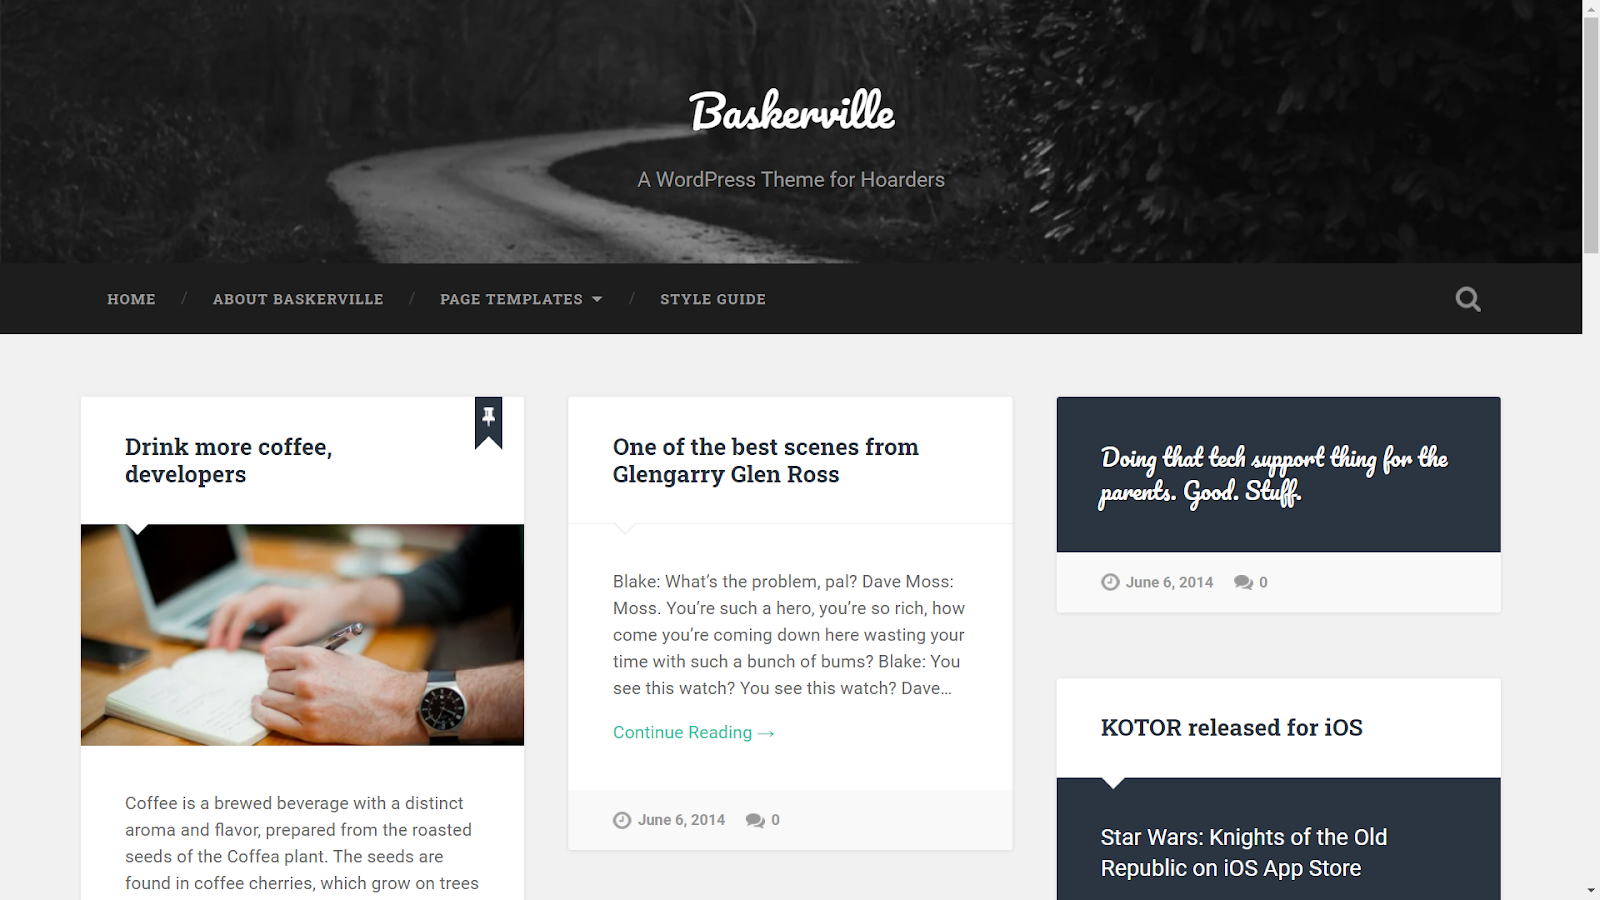 Masonry WordPress Themes - Baskerville